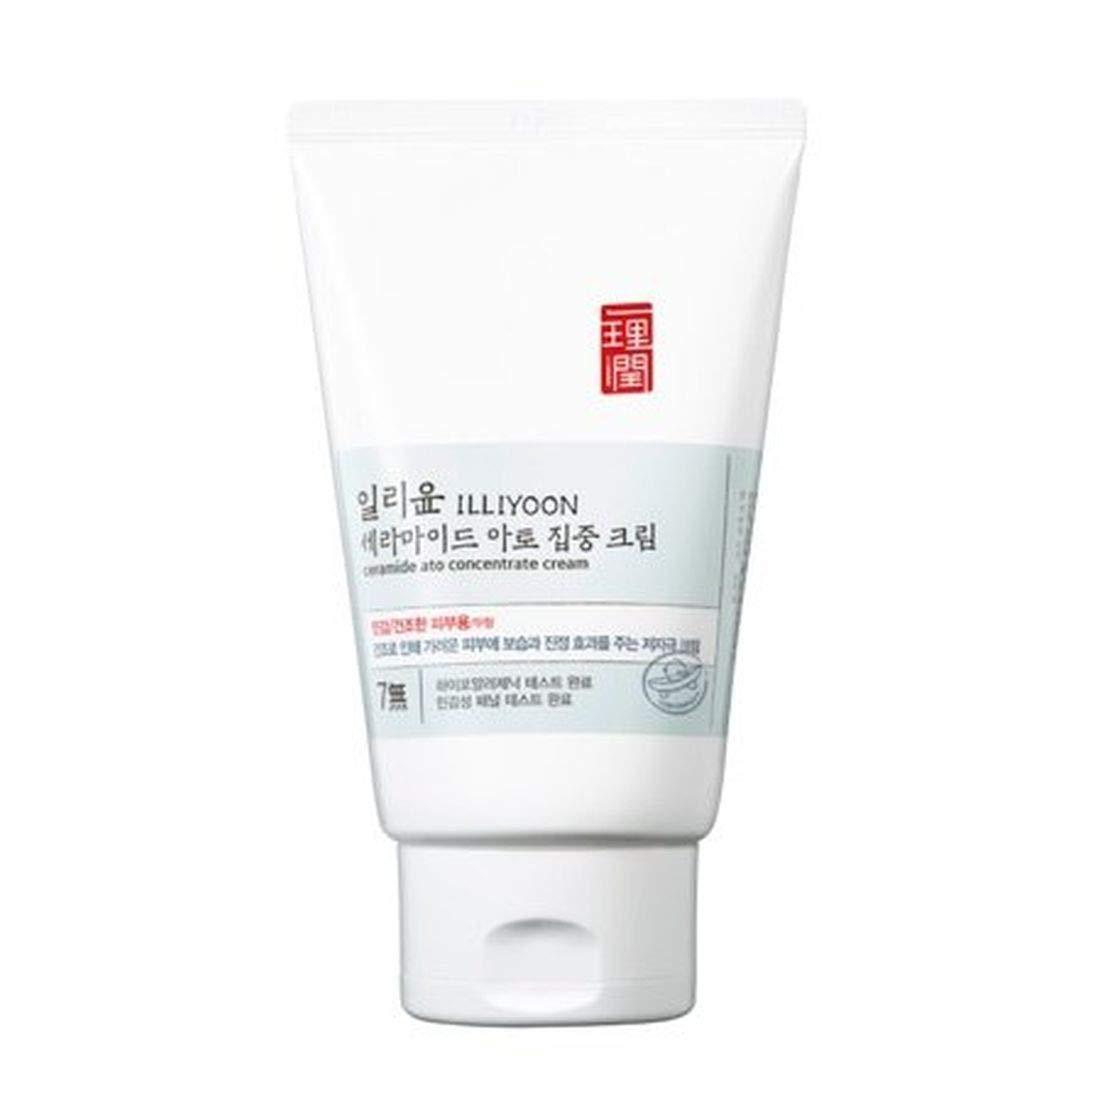 Illiyoon Ceramide Ato Intensive Cream